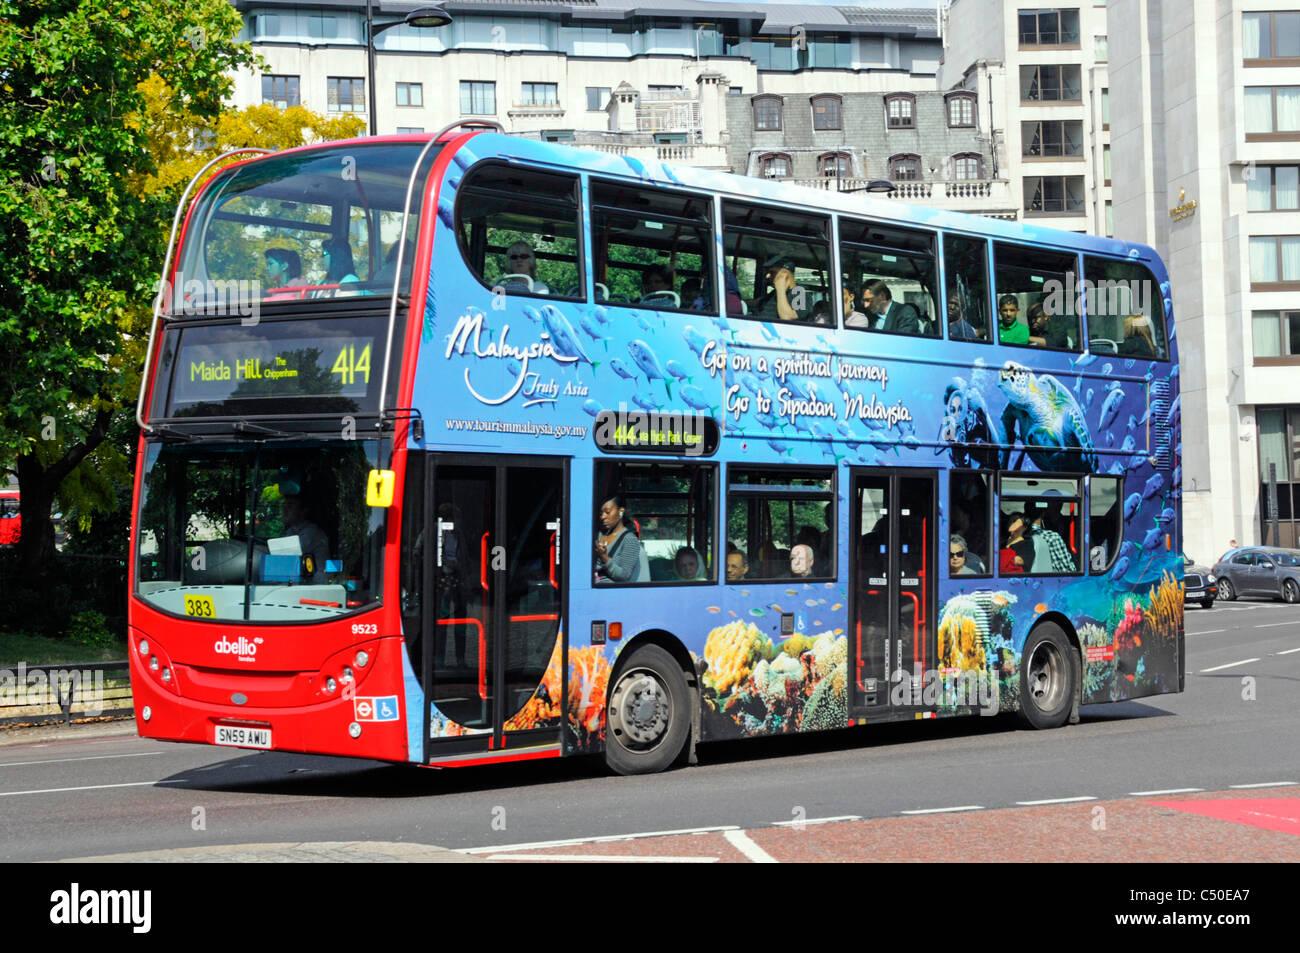 Werbung auf der Seite des Londoner Doppeldeckerbus Förderung Malaysia Tourismus mit bunten Werbung Grafik Design Stockbild